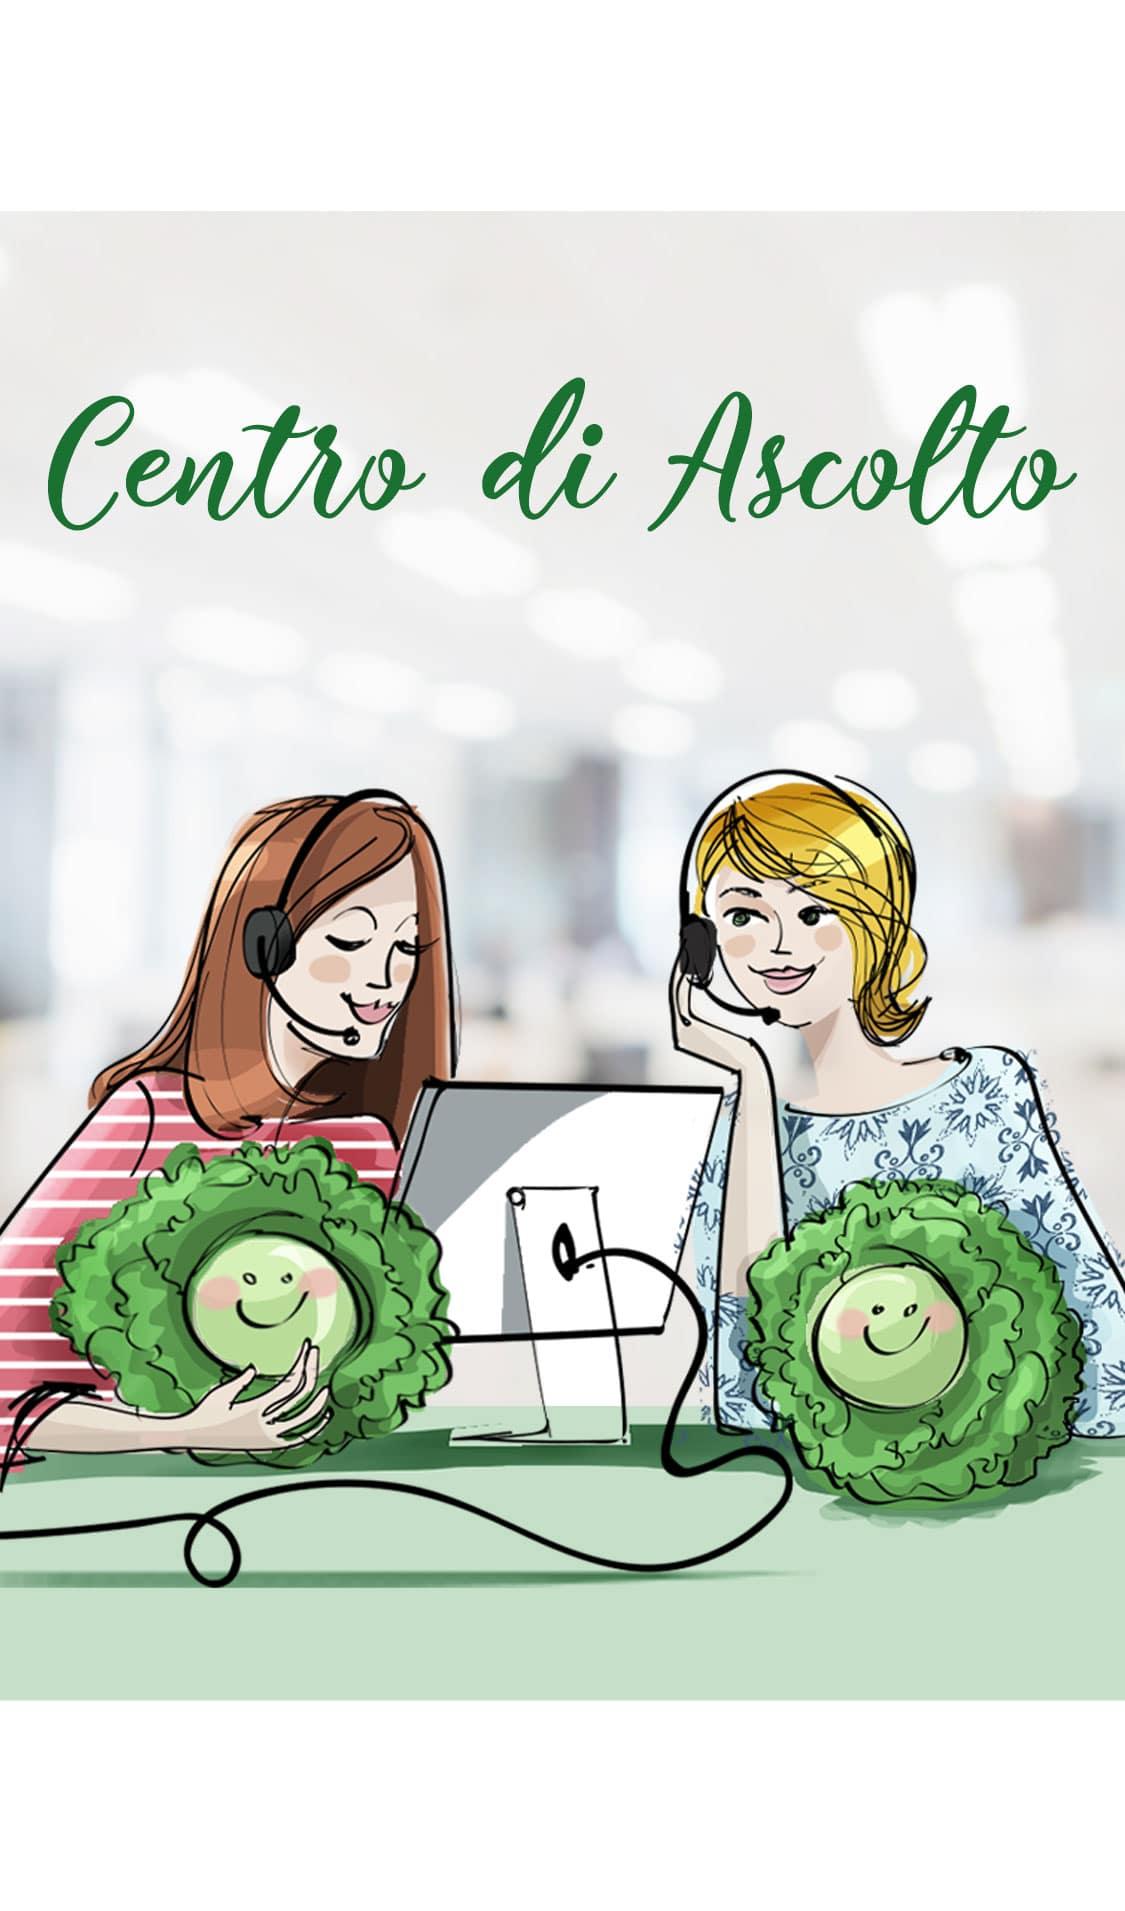 Campagna del cavolo - PMA Italia - Centro di ascolto